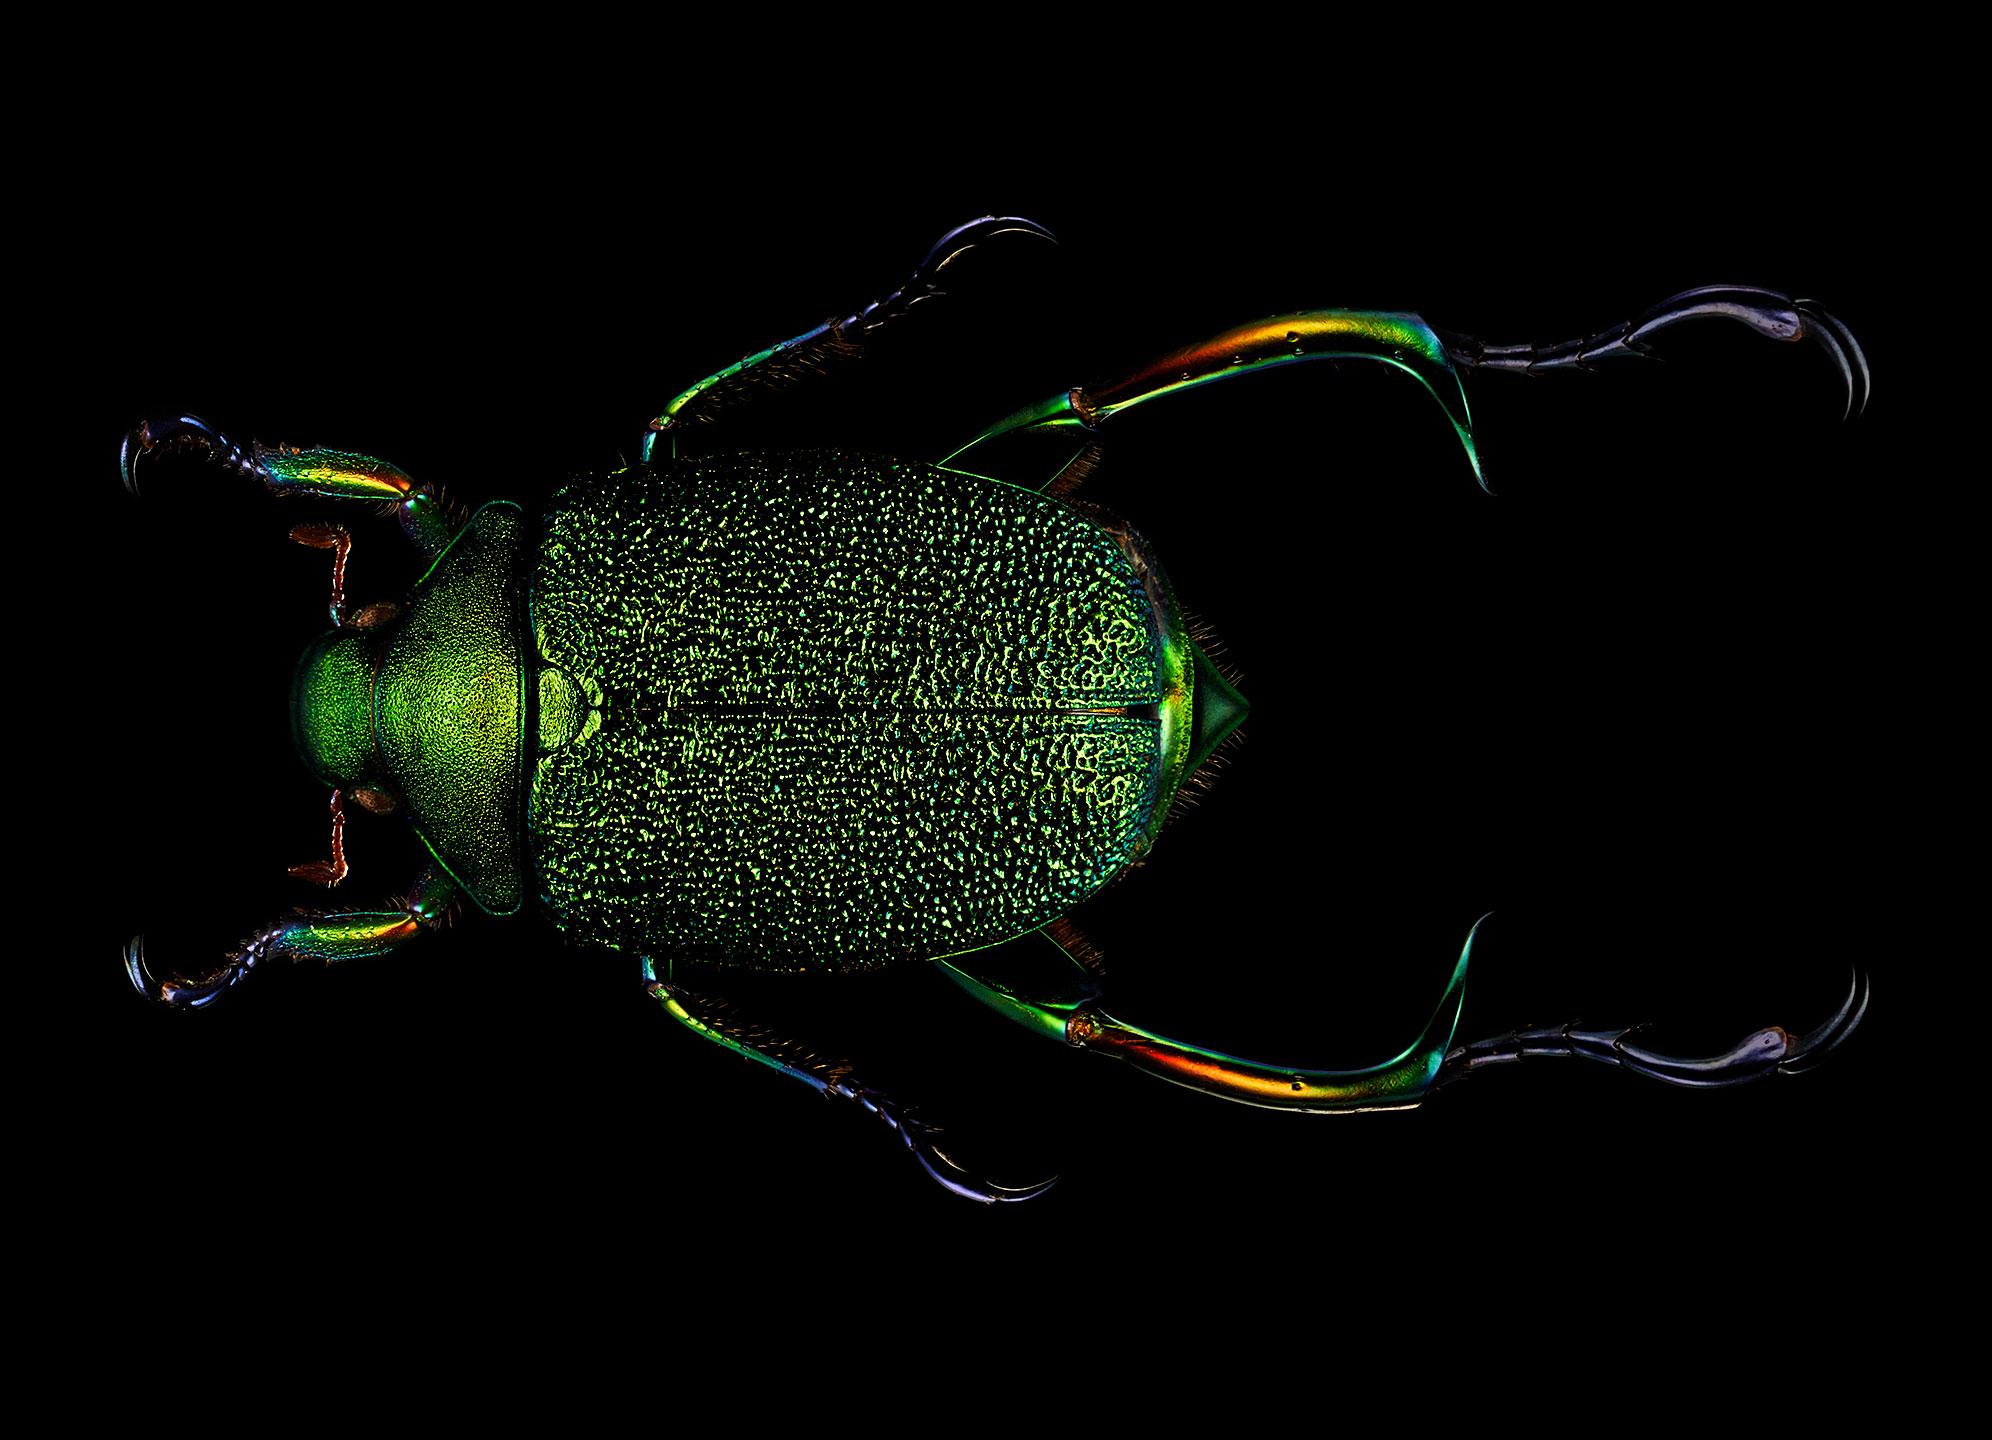 """<a href=""""//mrsteel.london/shop/shining-leaf-chafer-beetle/"""">REVEAL DETAILS / BUY</a>"""